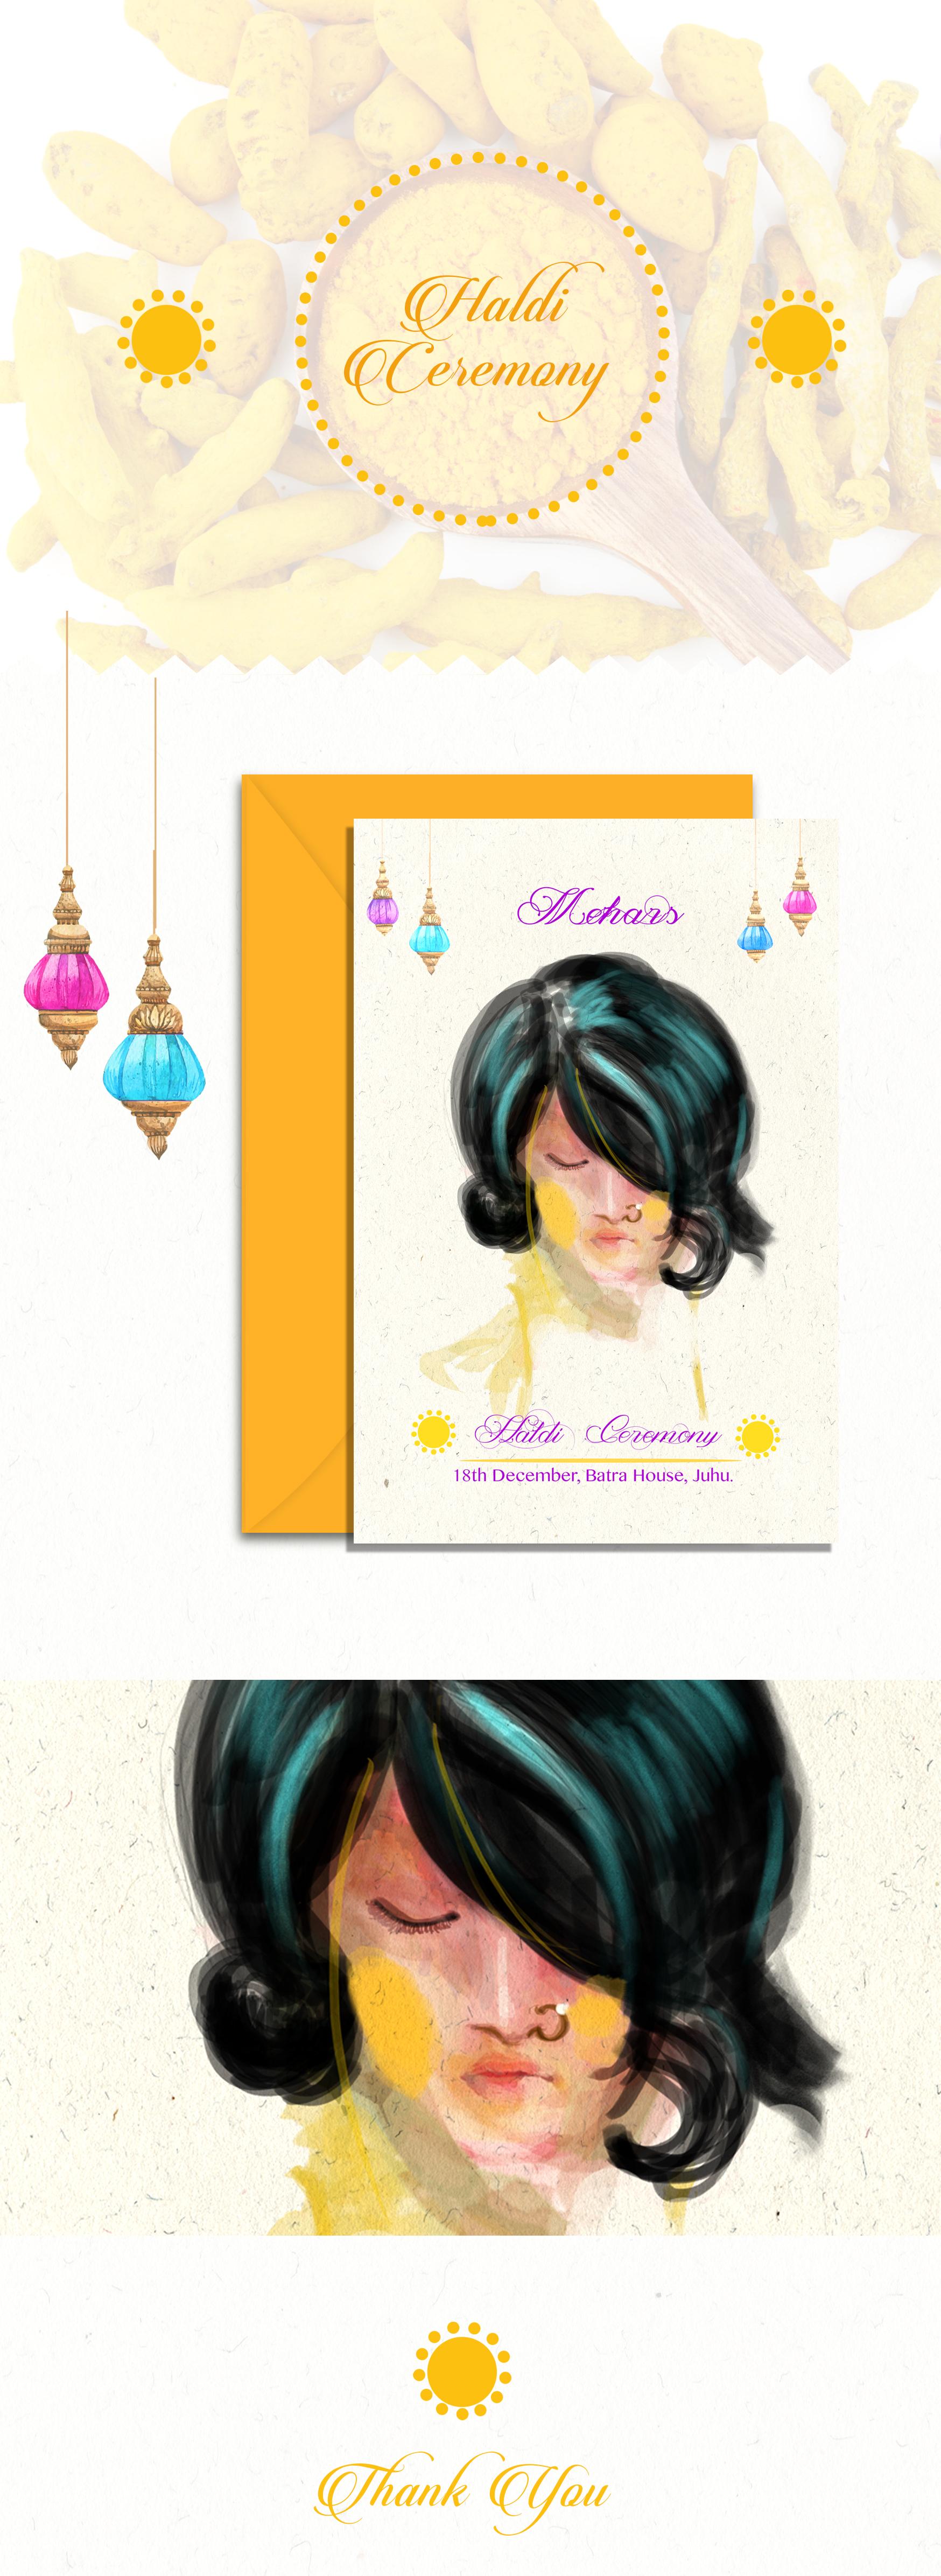 Haldi Invitation Illustration On Behance